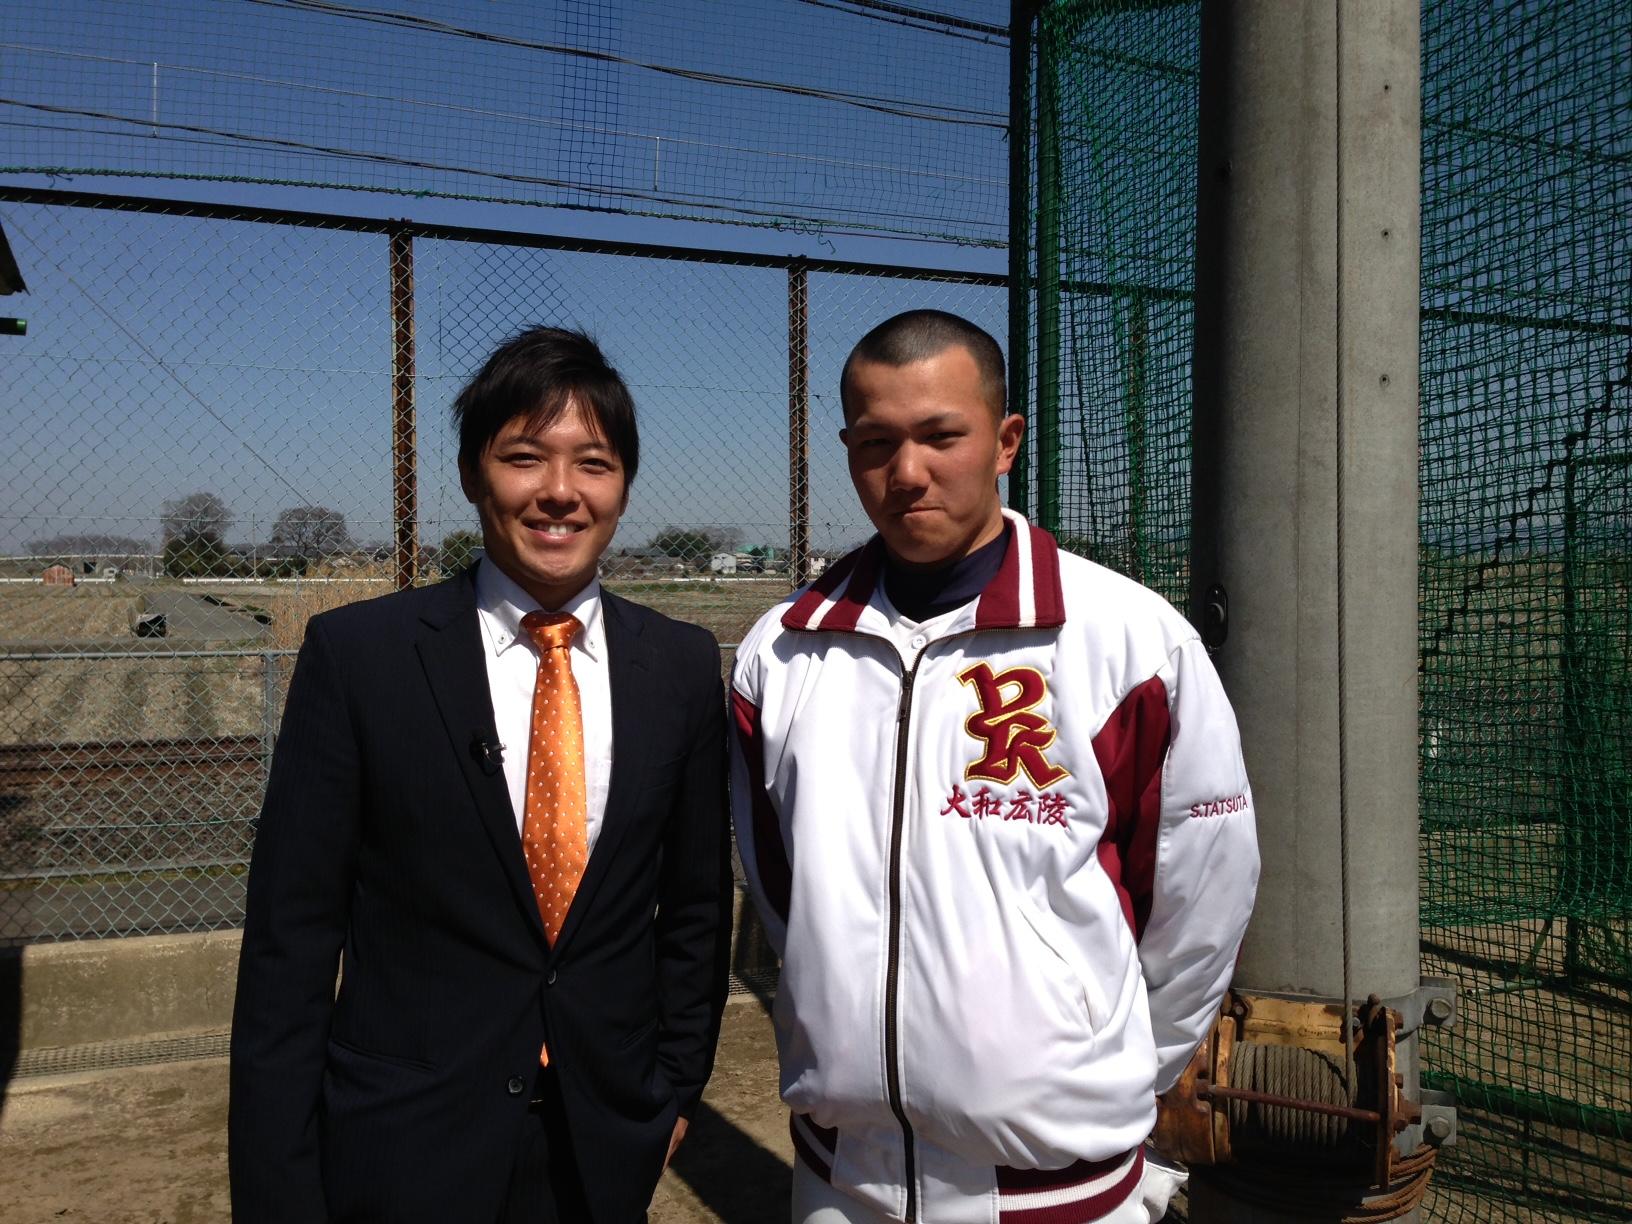 http://www.ytv.co.jp/blog/ana/tatsuta/%E7%AB%8B%E7%94%B0W.JPG